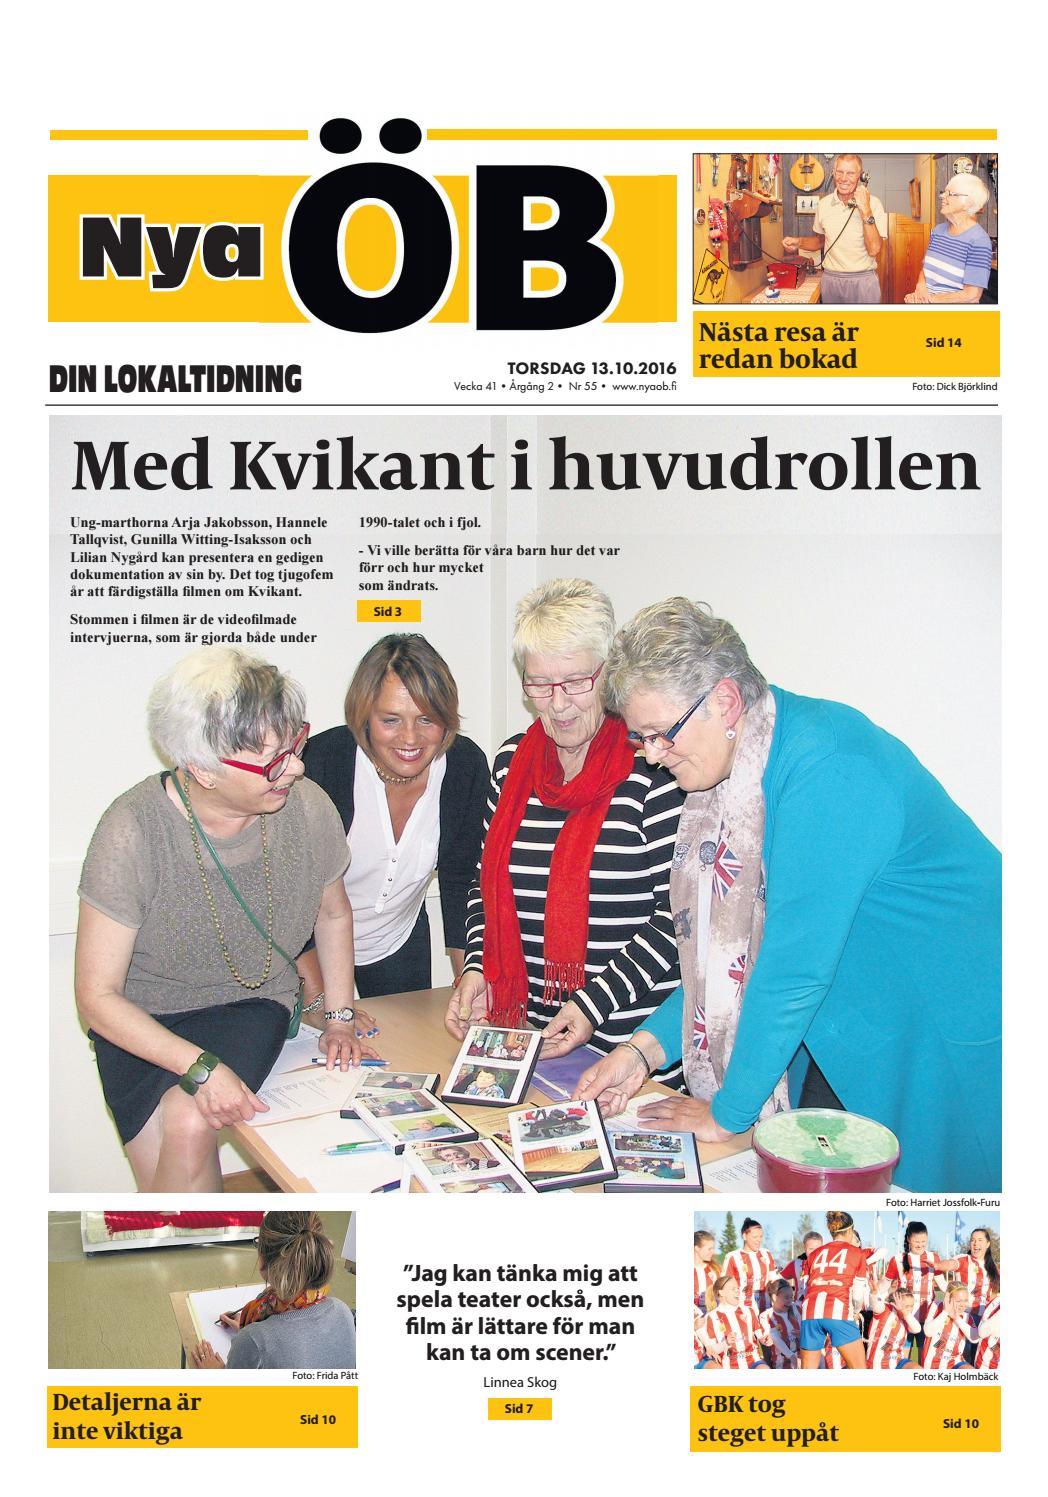 Helsingfors krok upp 2013 tulokset hiv-positiv online dating